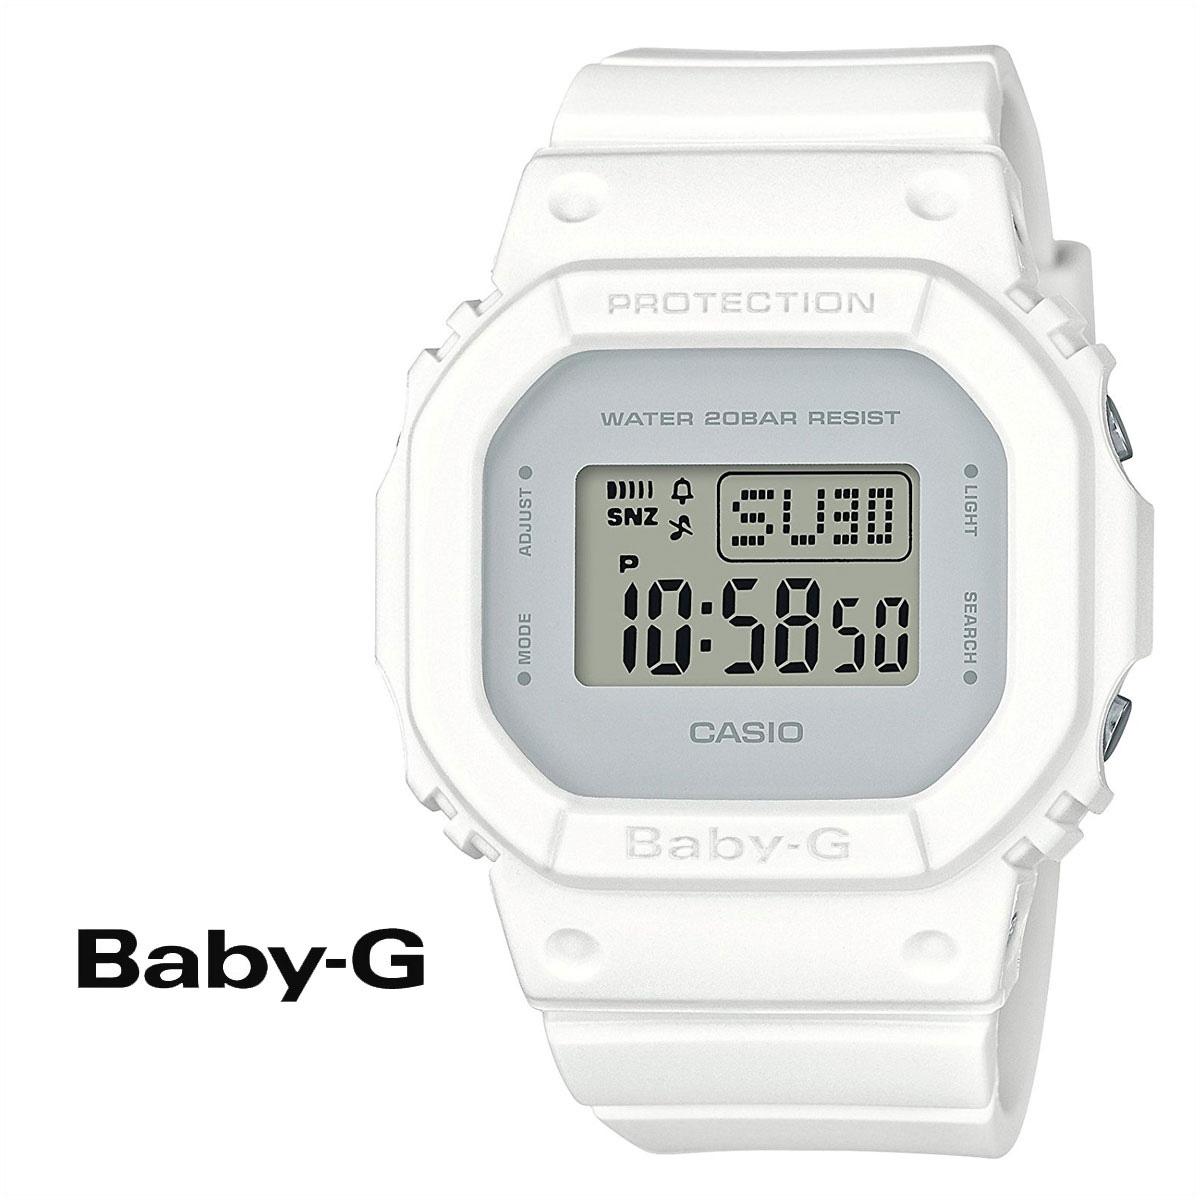 CASIO カシオ BABY-G 腕時計 BGD-560CU-7JF BABY G ベビージー ベビーG レディース [9/5 再入荷]